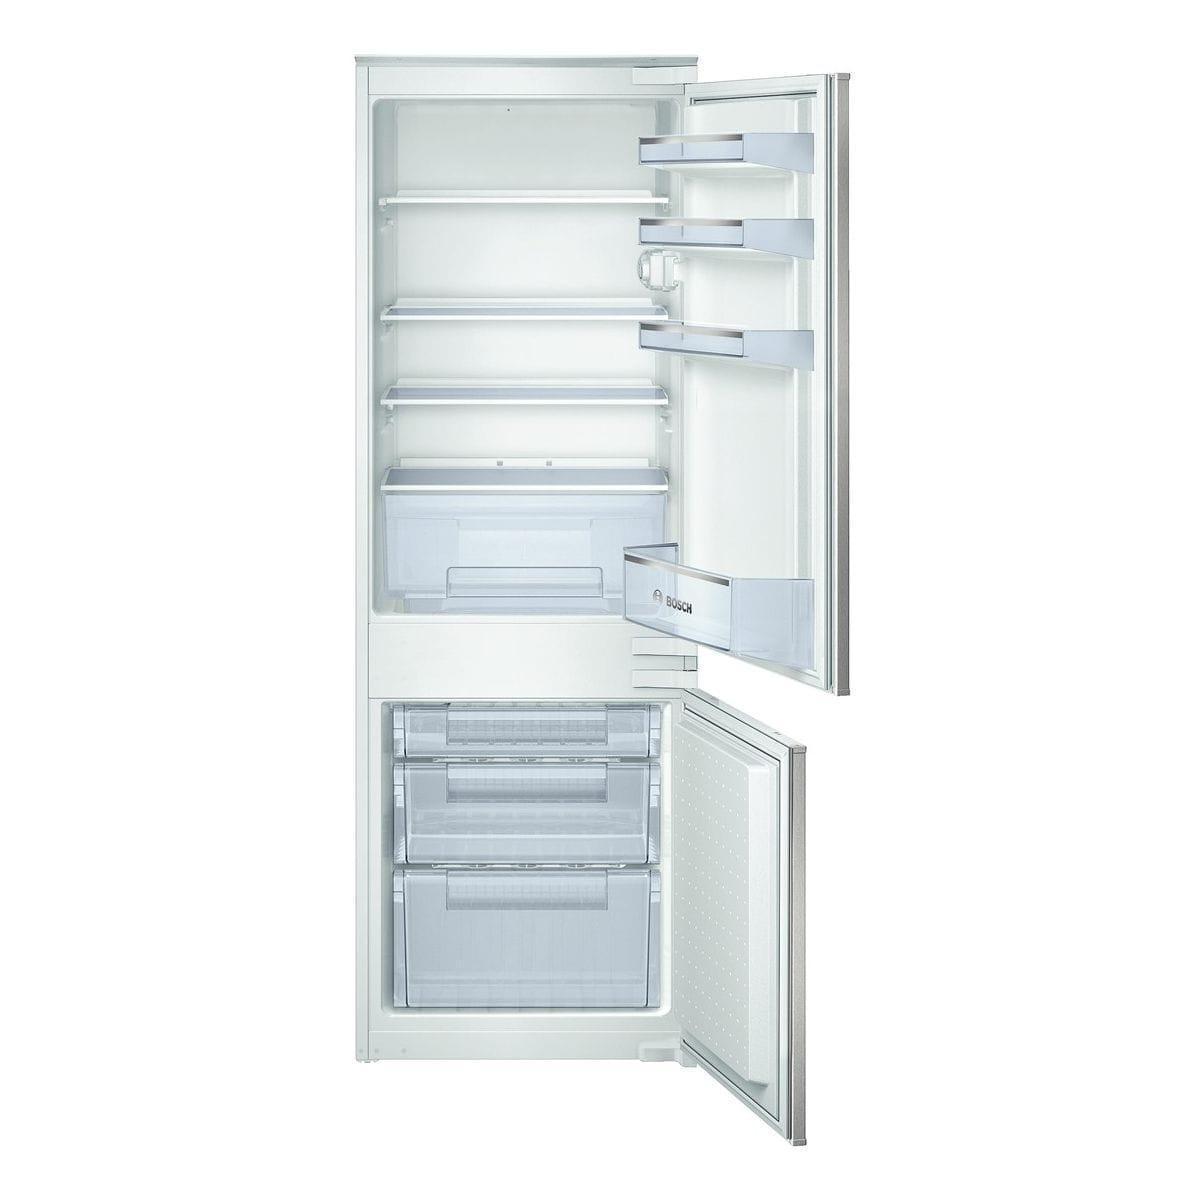 Réfrigérateur encastrable Bosch KIV 28 V 20 FF